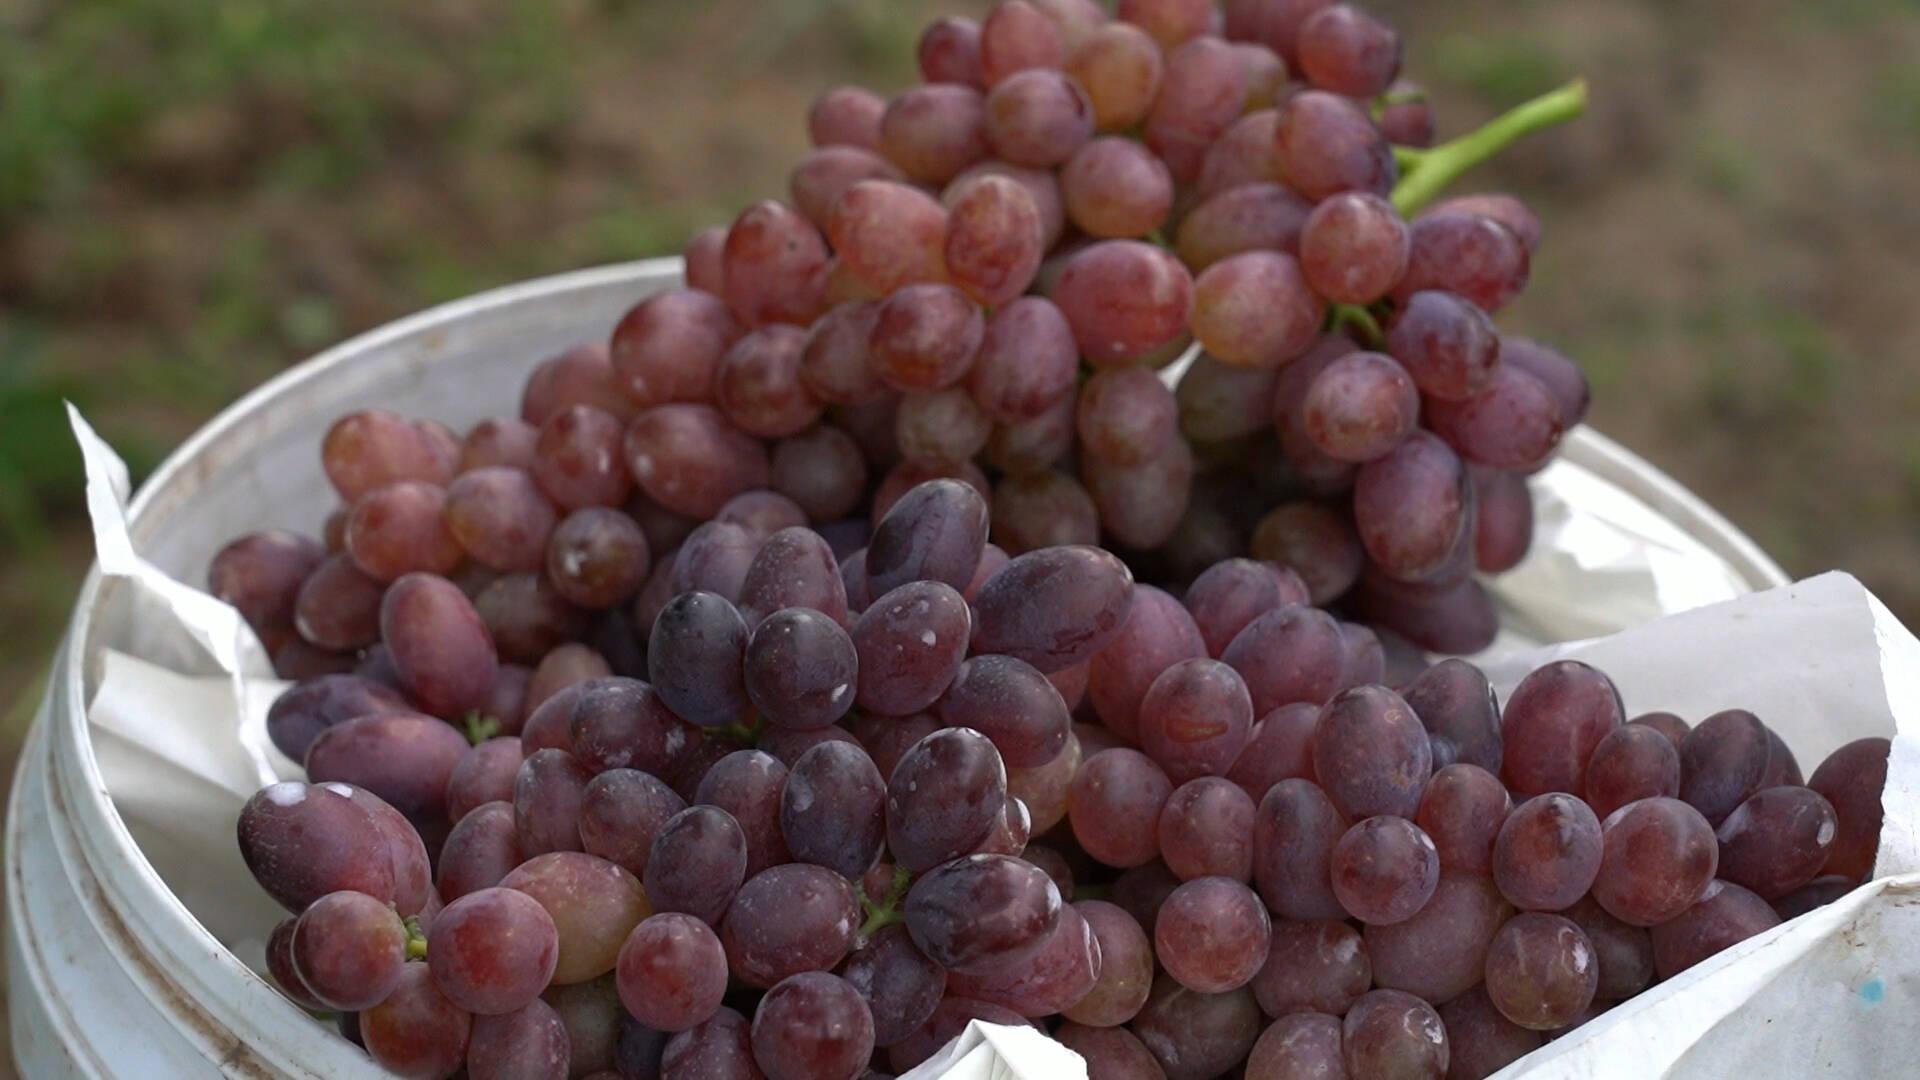 五颜六色晒丰收|德州武城:串串葡萄挂满枝 果农增收笑颜开